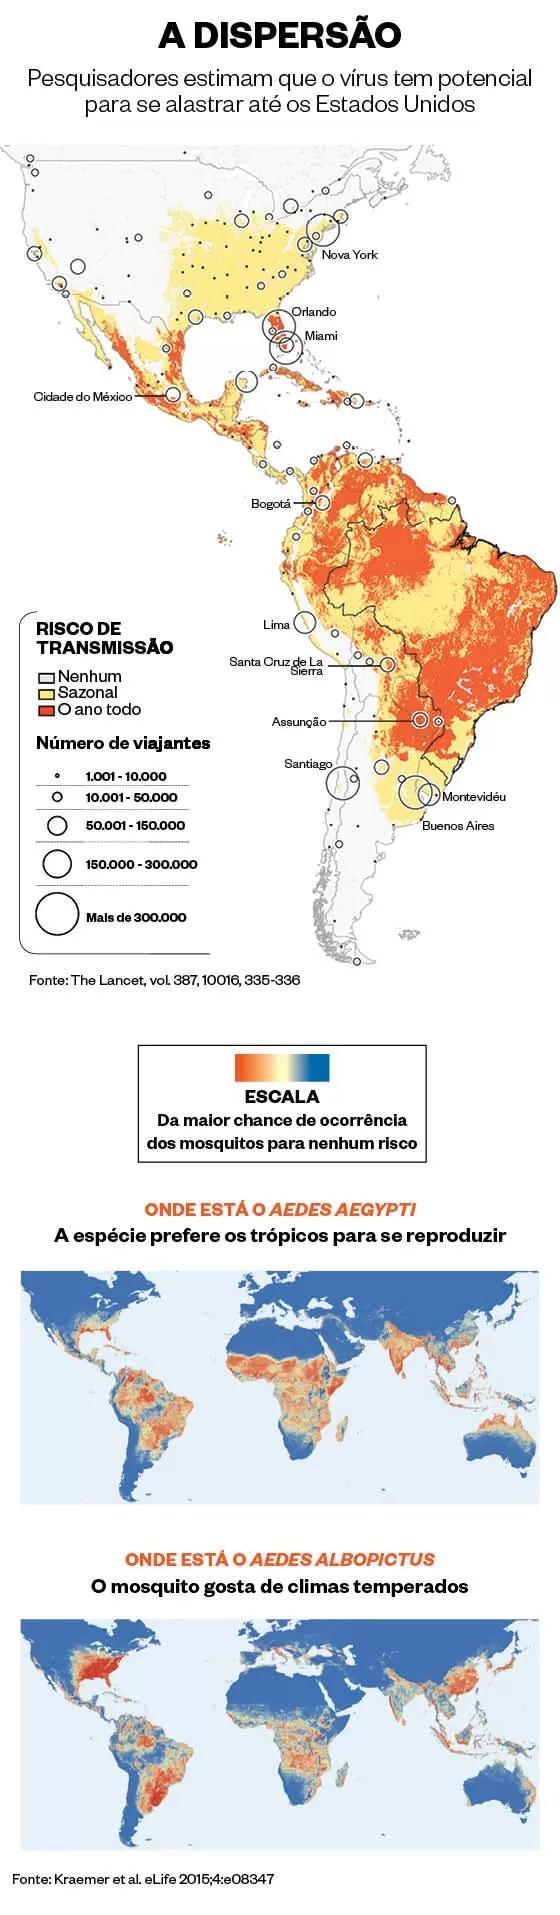 O potencial de dispersão do vírus zika (acima) e a possível ocorrência no mundo de espécies de mosquito transmissoras da doença (Foto: ÉPOCA)